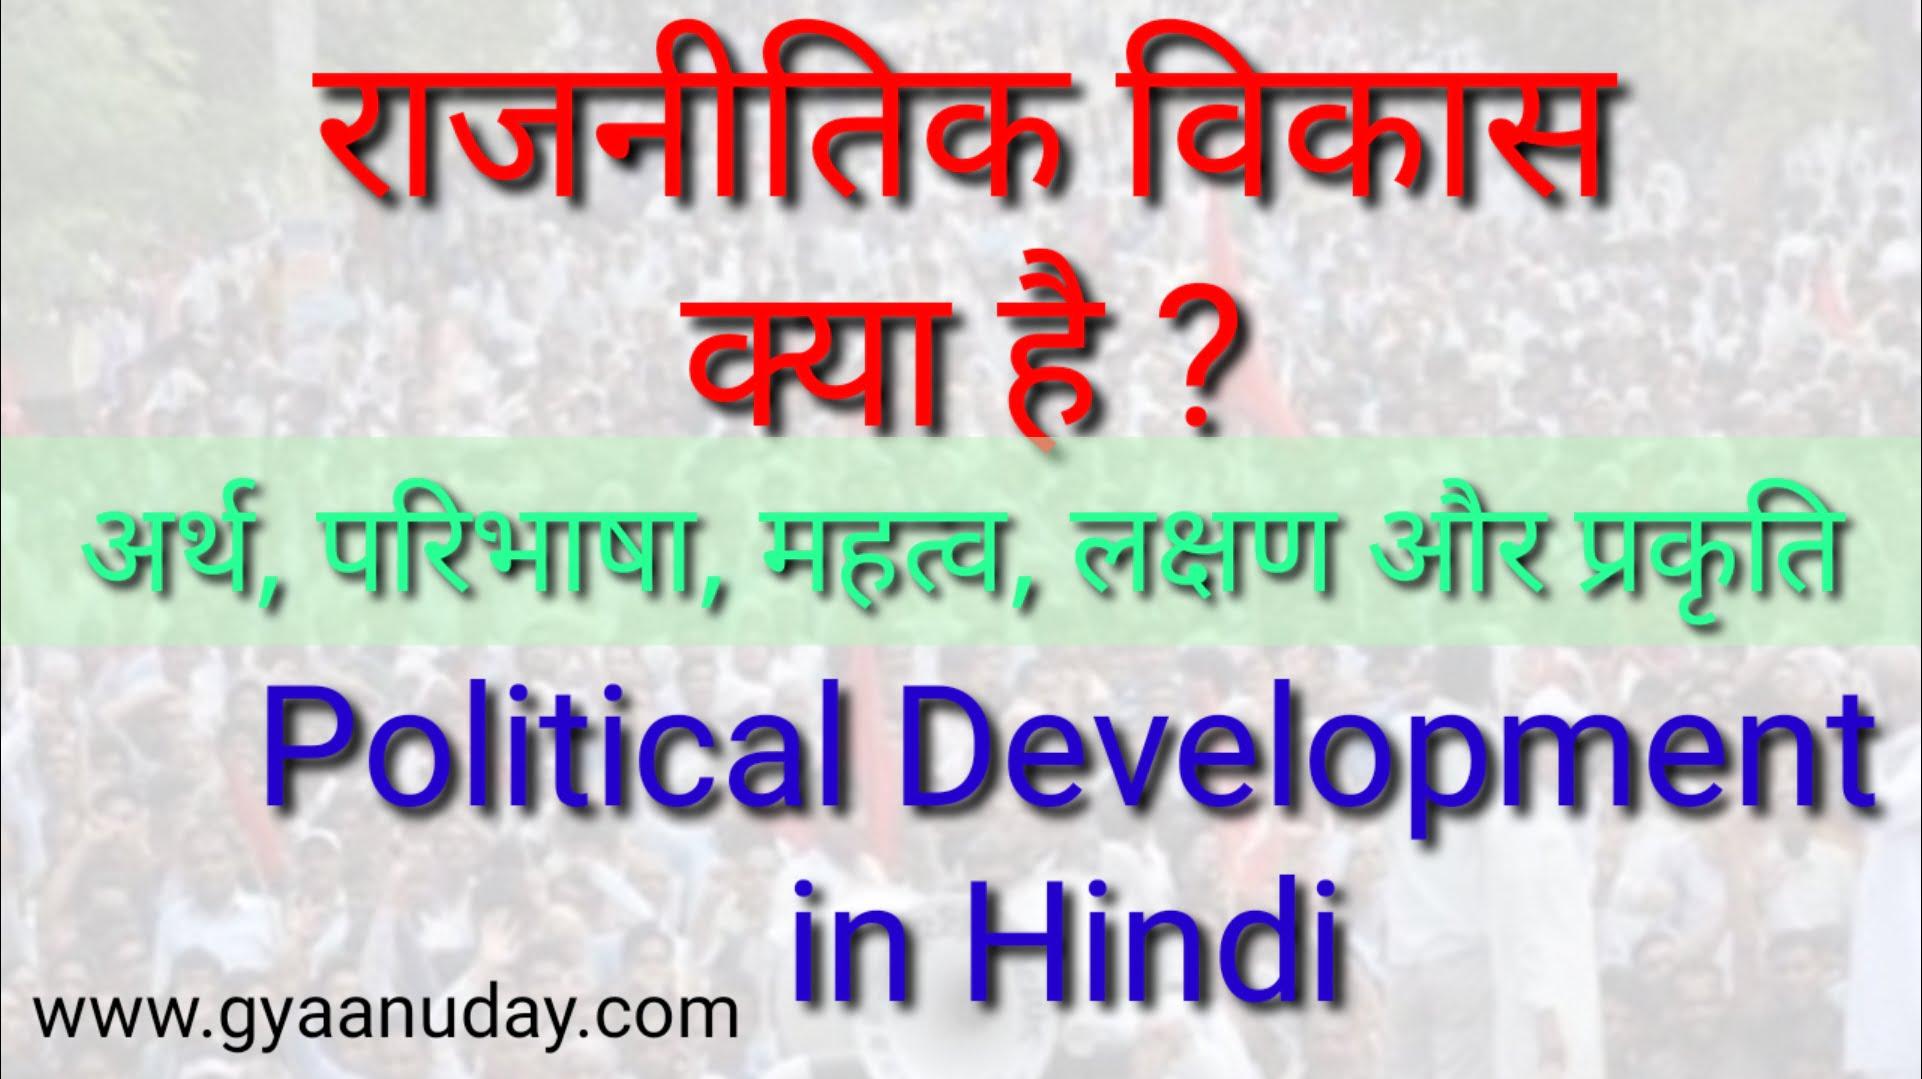 राजनीतिक विकास क्या है